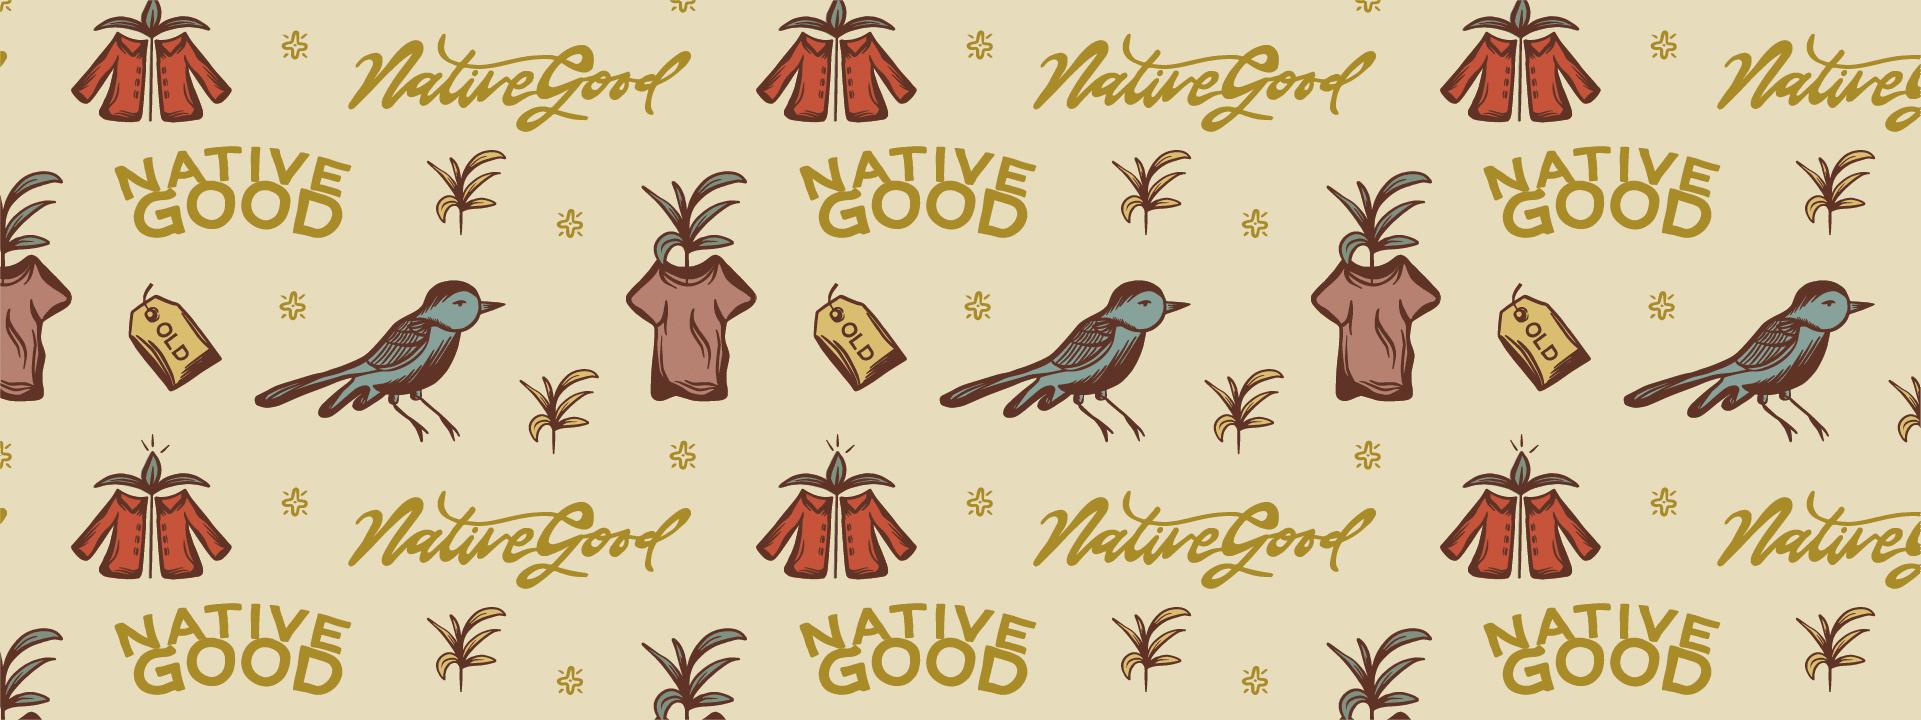 NG-pattern